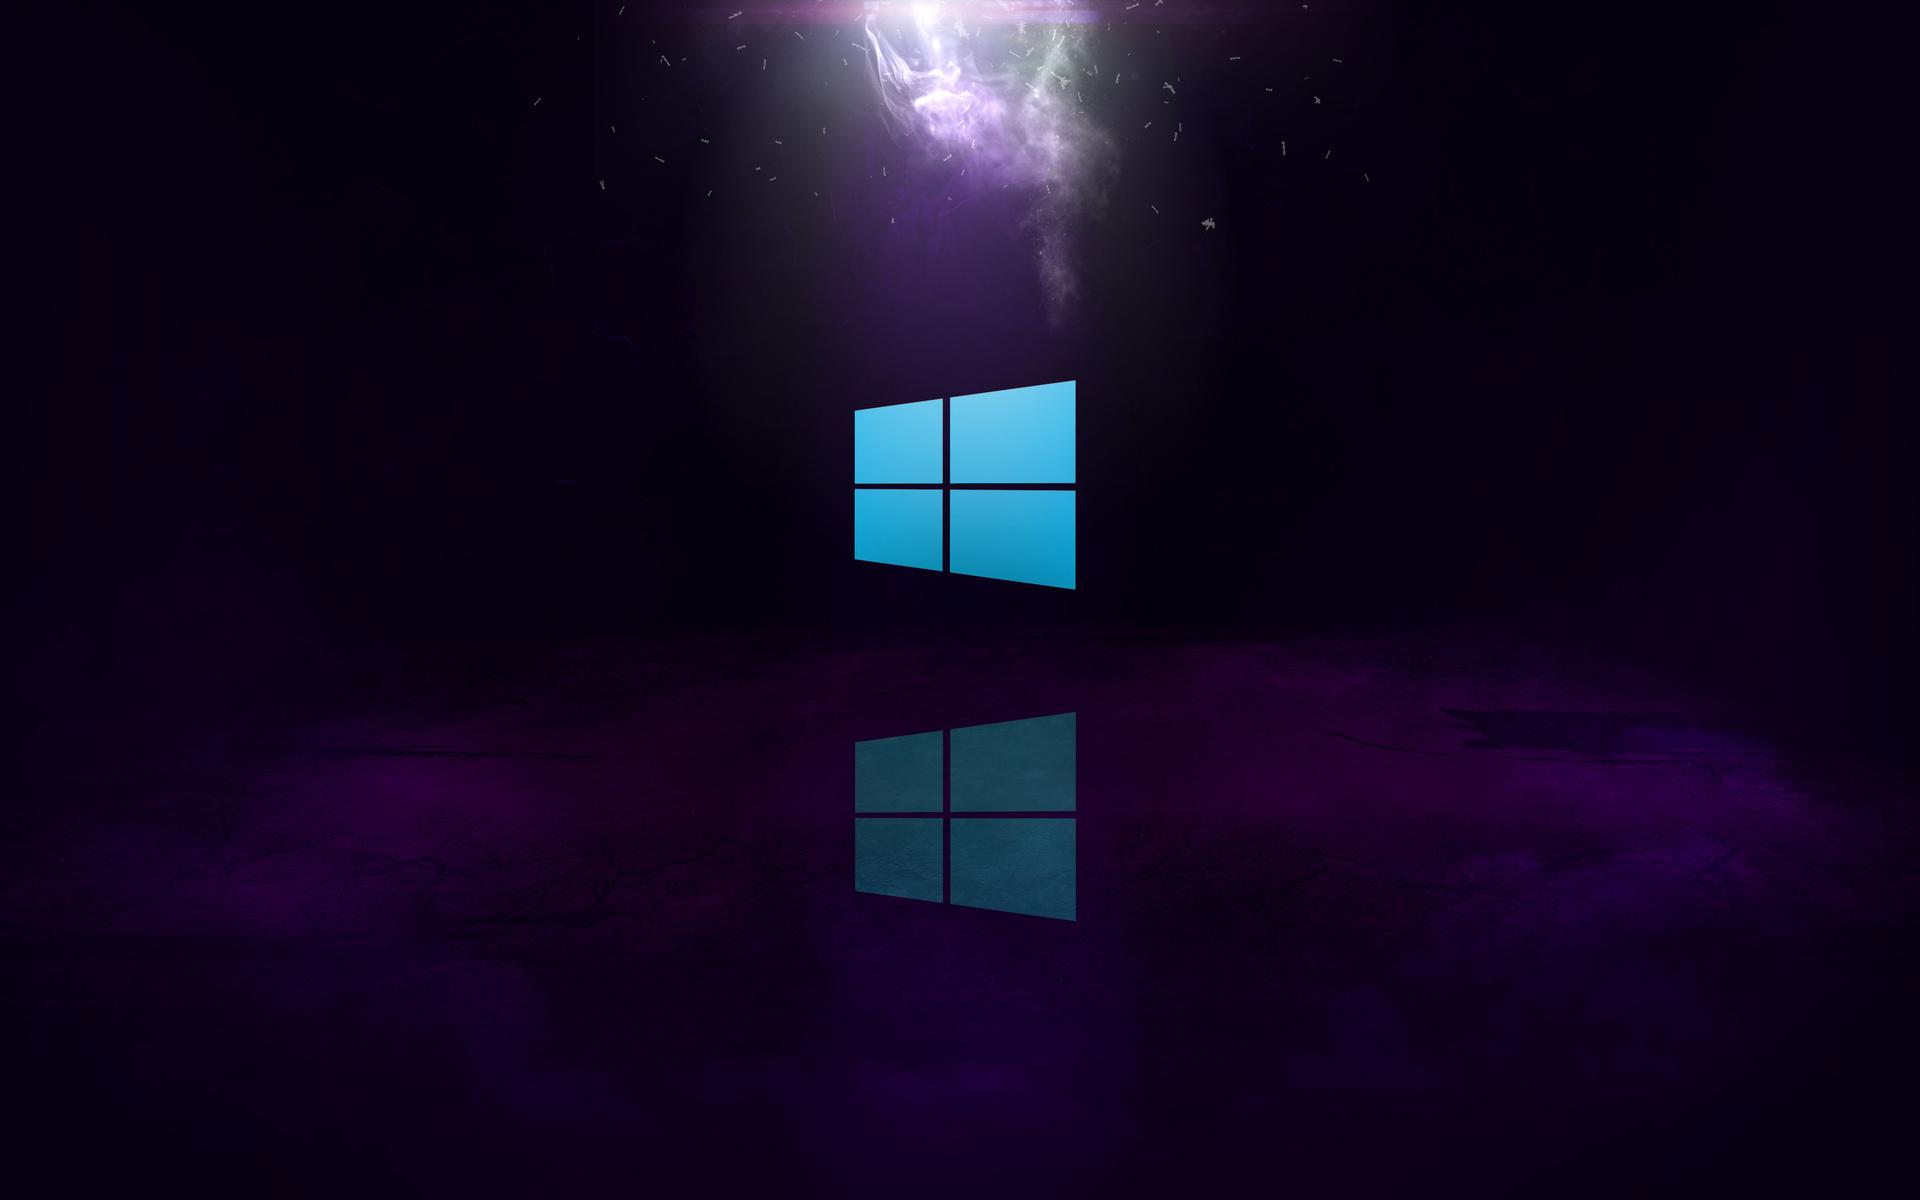 Как сделать в windows 10 экран 1920x1080